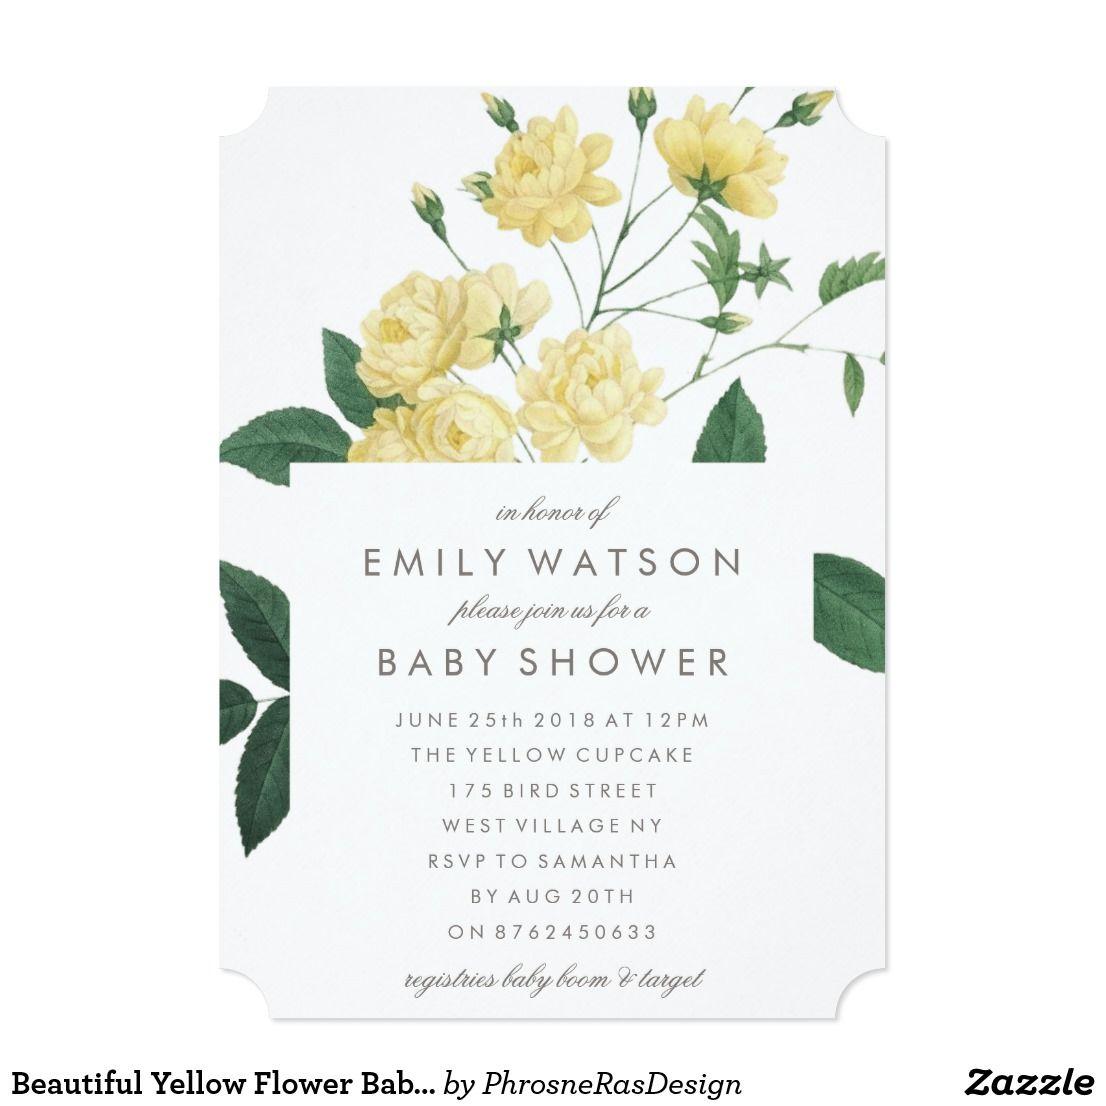 Beautiful yellow flower baby shower invitation oh baby shower